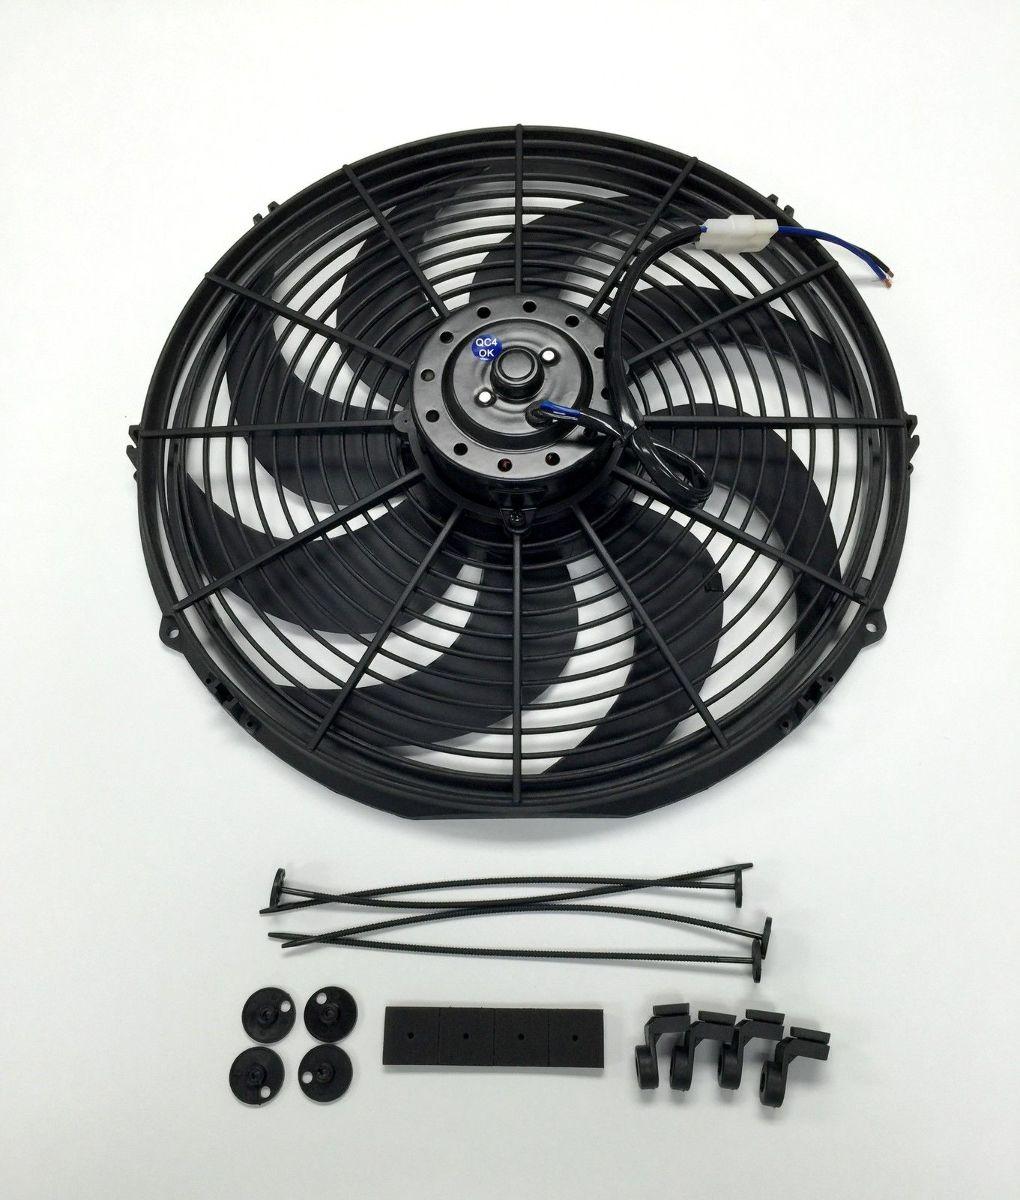 High Cfm 12v Cooling Fans : Quot electric radiator cooling fan curved blade v